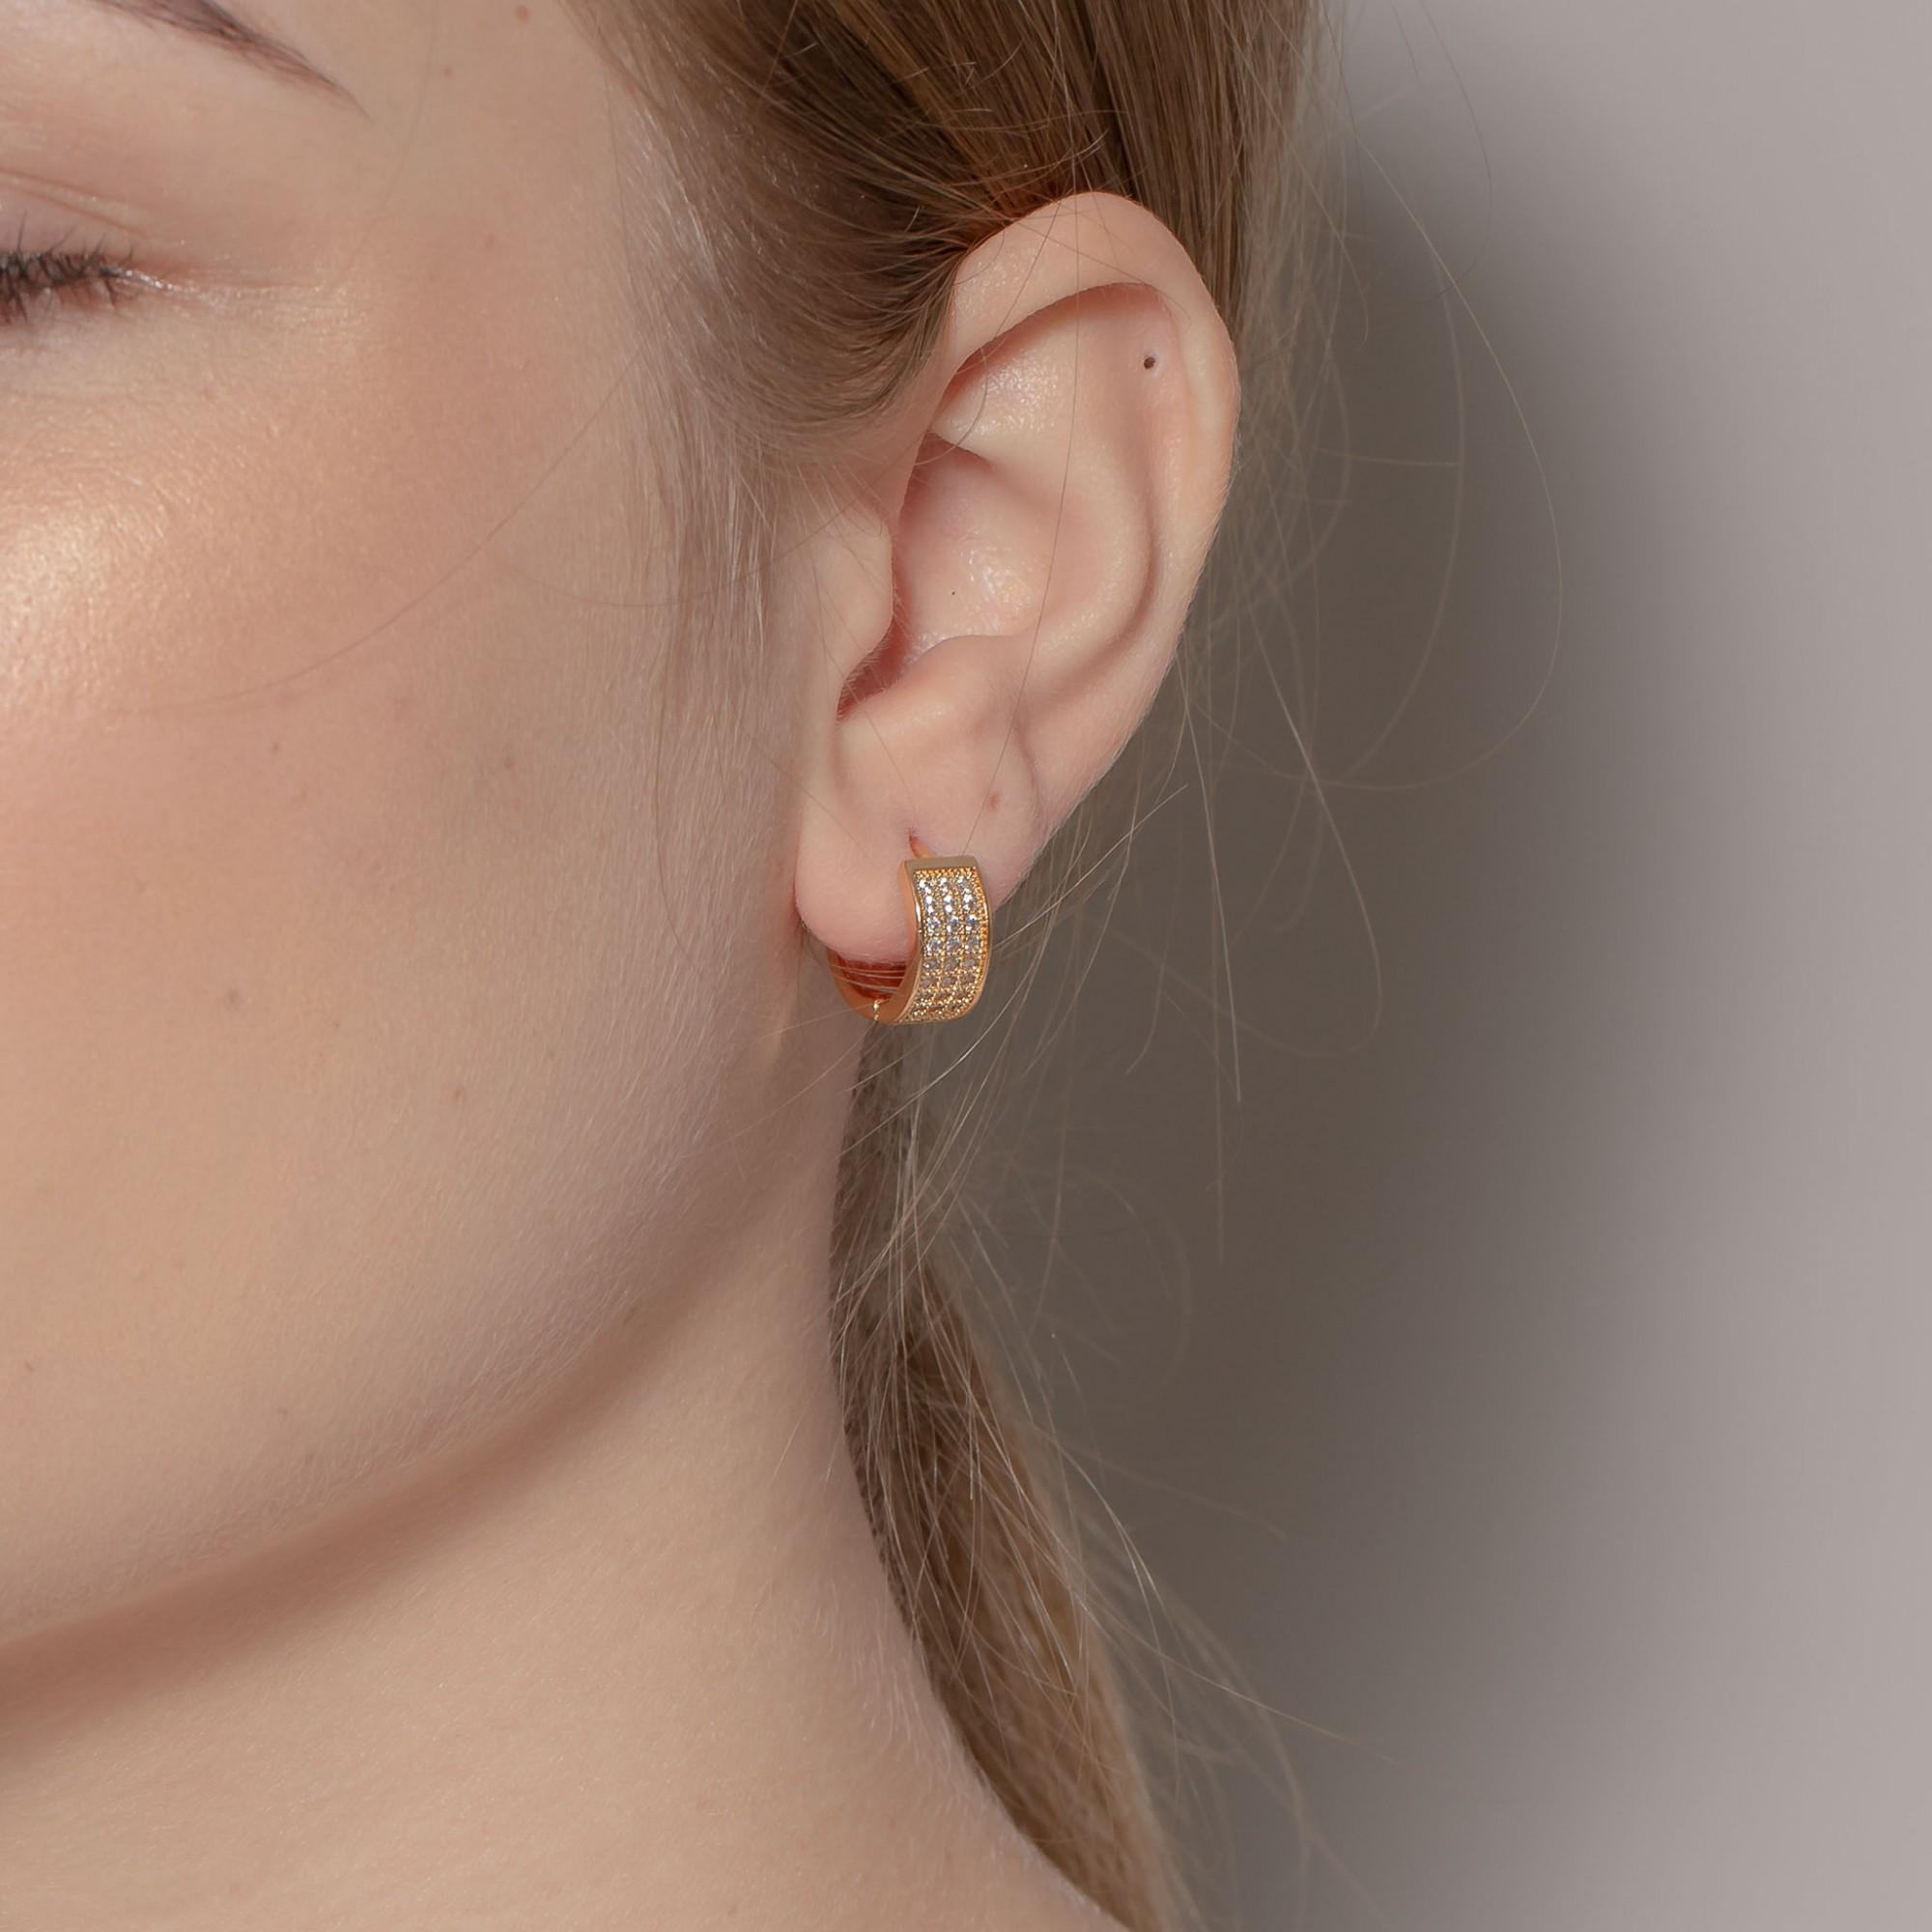 Argola de clique 1,5 cm com três fileiras de zircônias banhada a ouro 18k.  - romabrazil.com.br